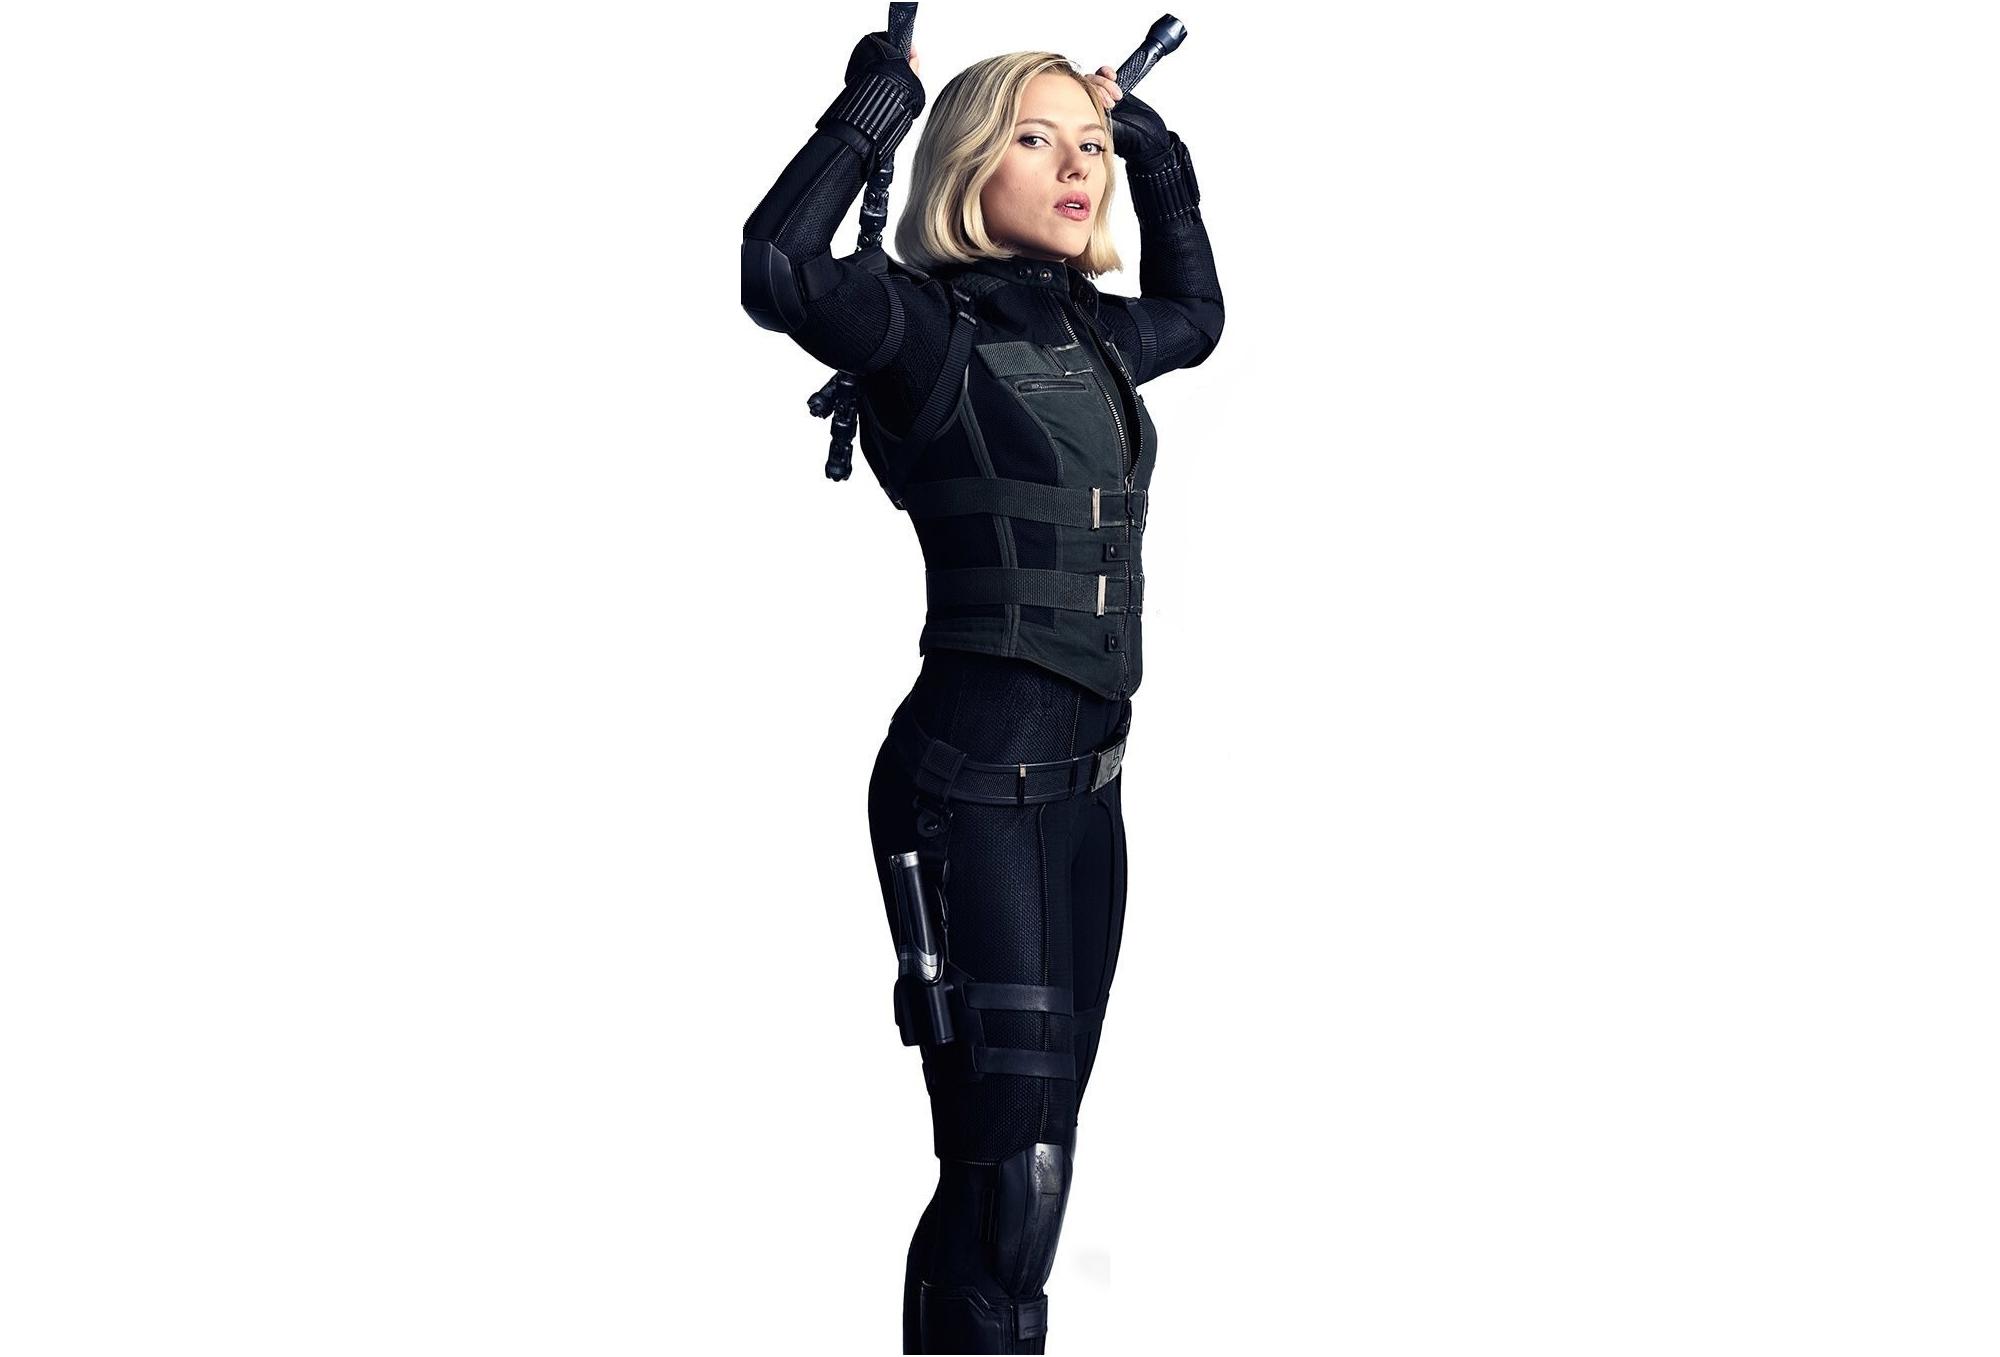 Black Widow In Avengers Infinity War 2018